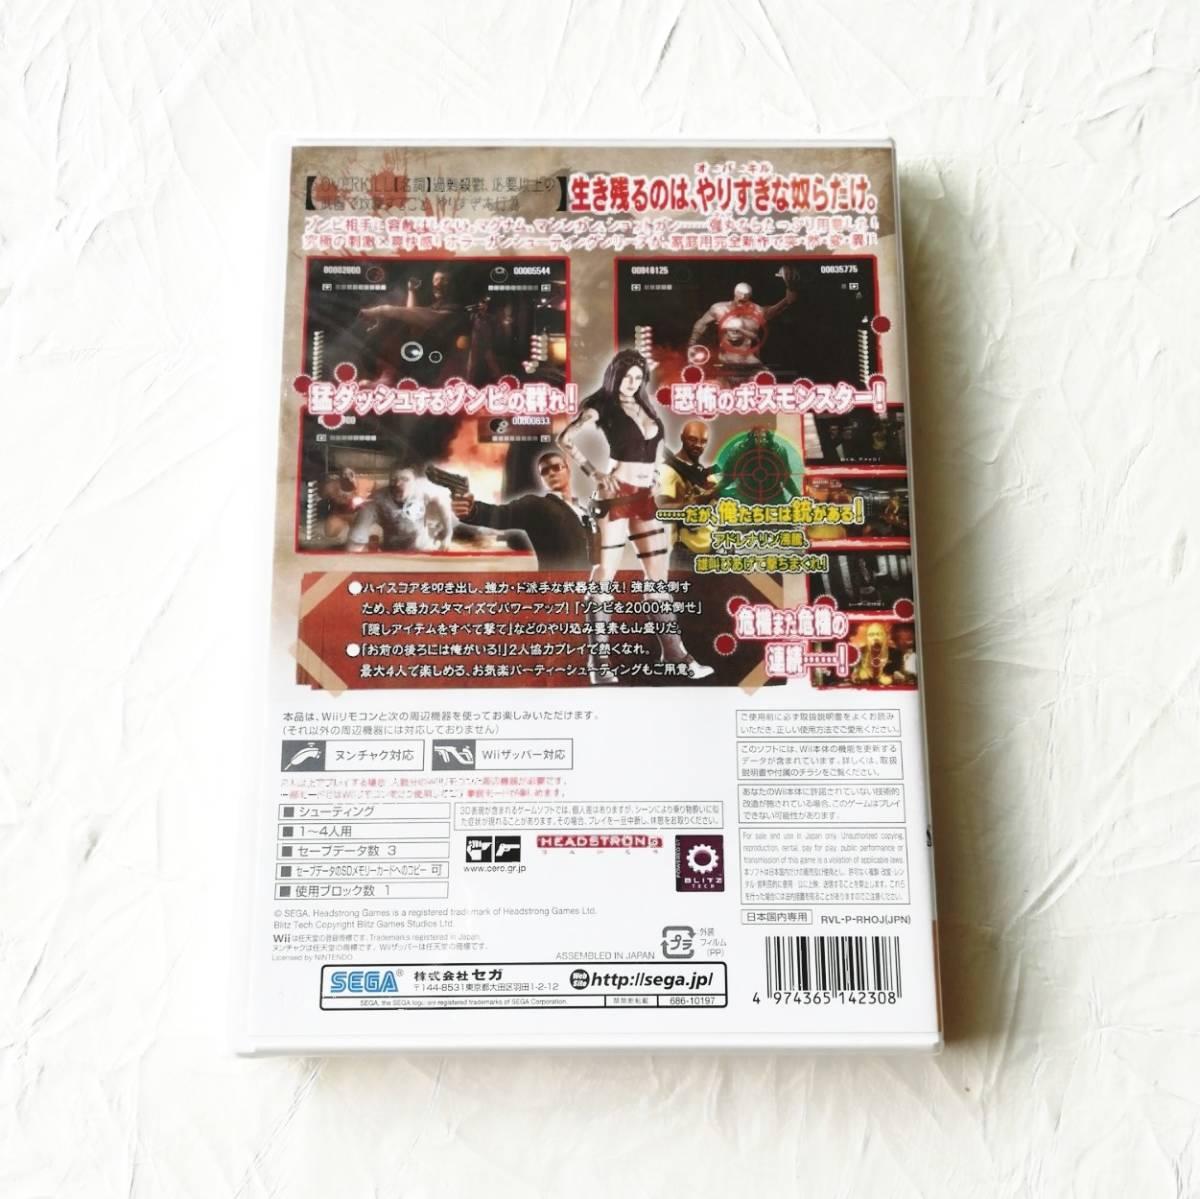 ザハウスオブ ザ デッド オーバーキル【Wii】新品未開封★通常版★送料込み